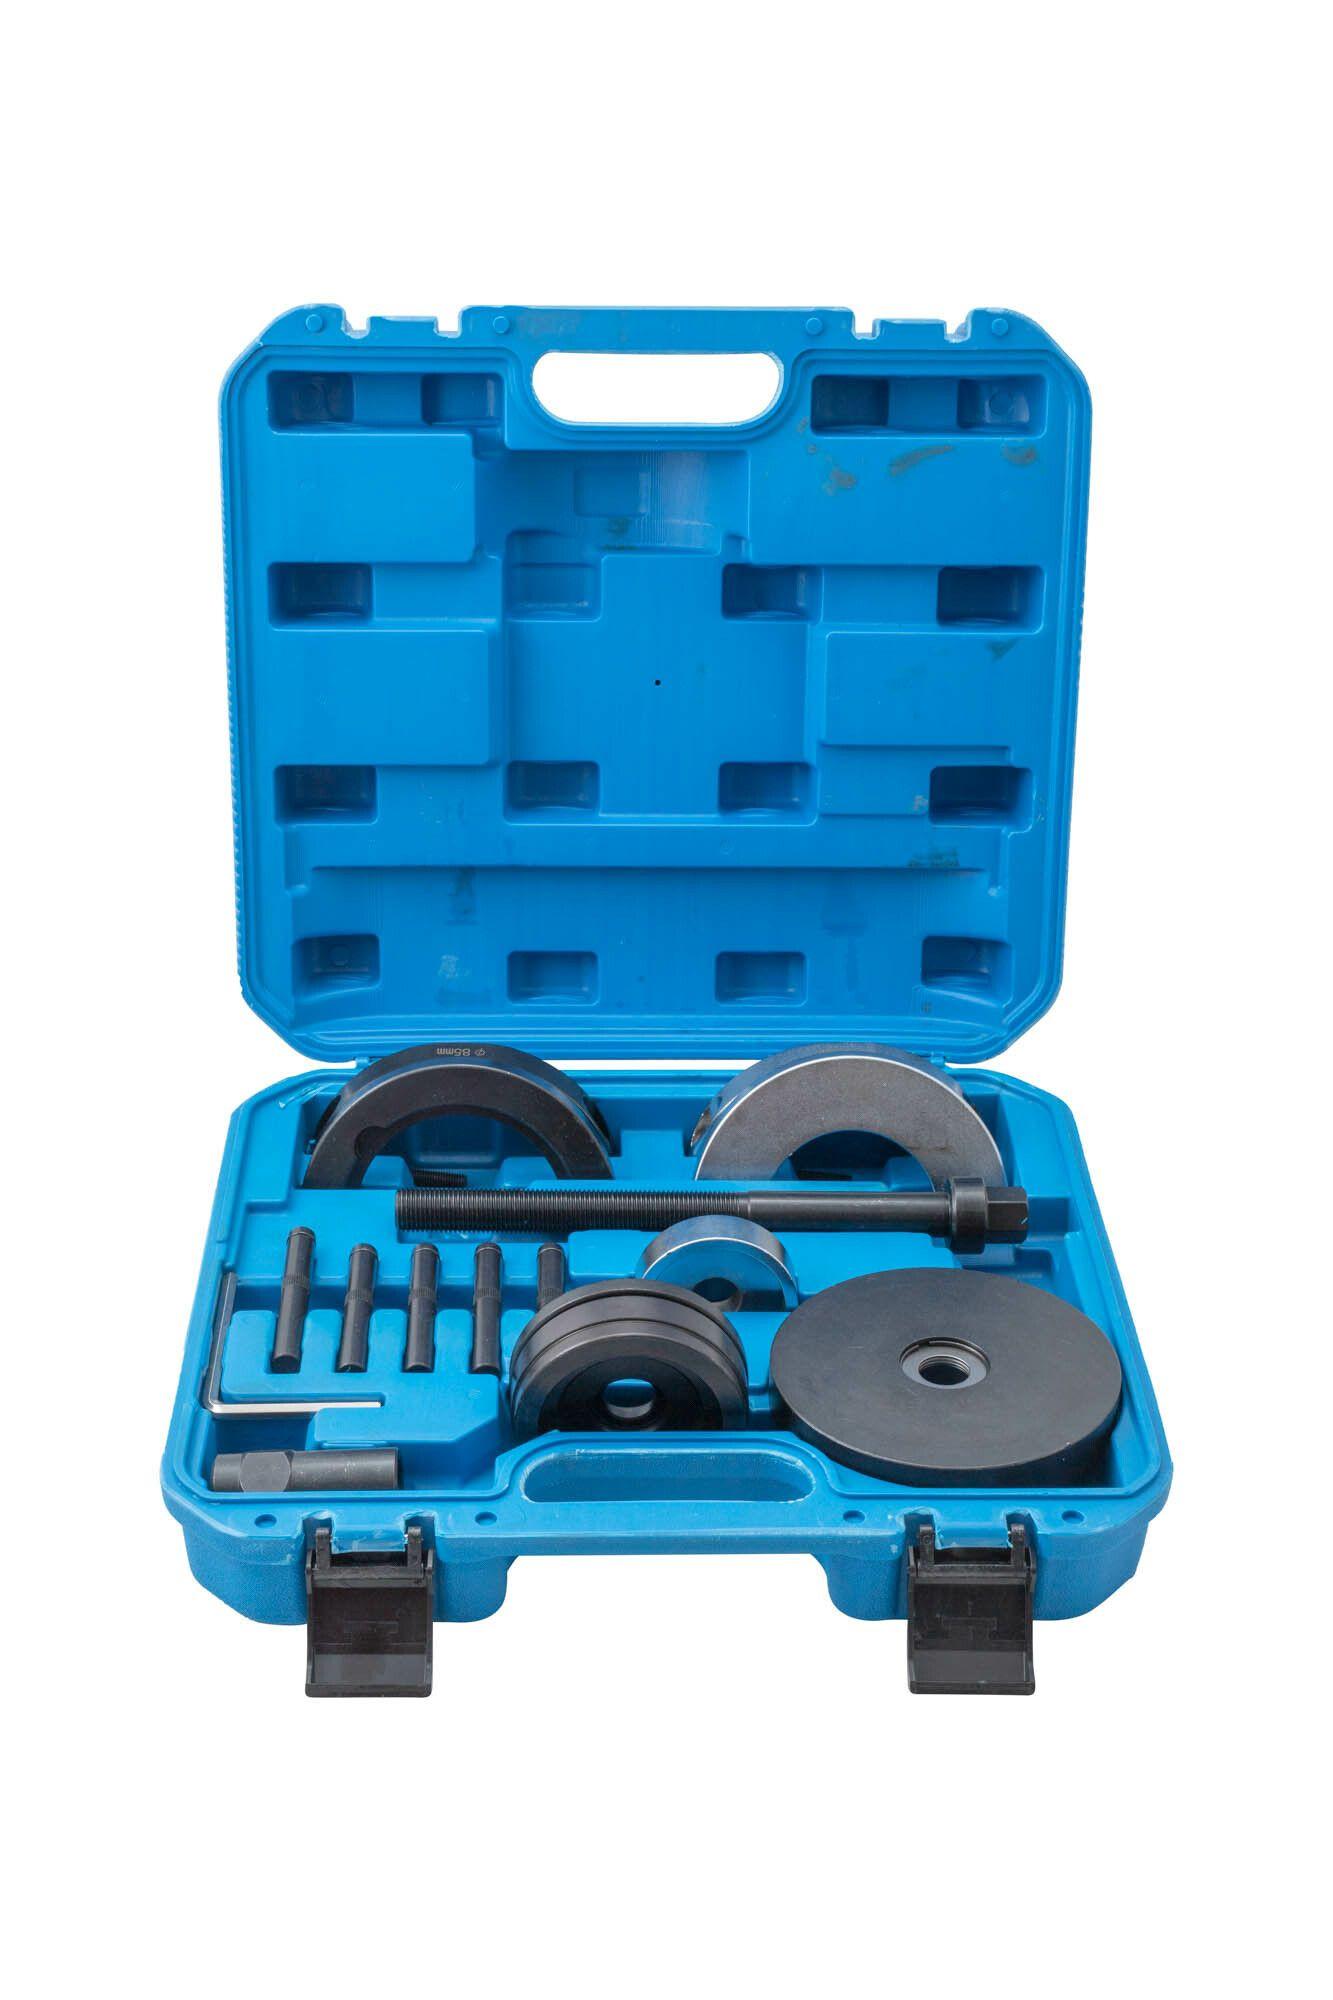 Stahovák pro montáž a demontáž ložisek kol (náboje) 85 mm, VW T5 a další QS80177 QUATROS